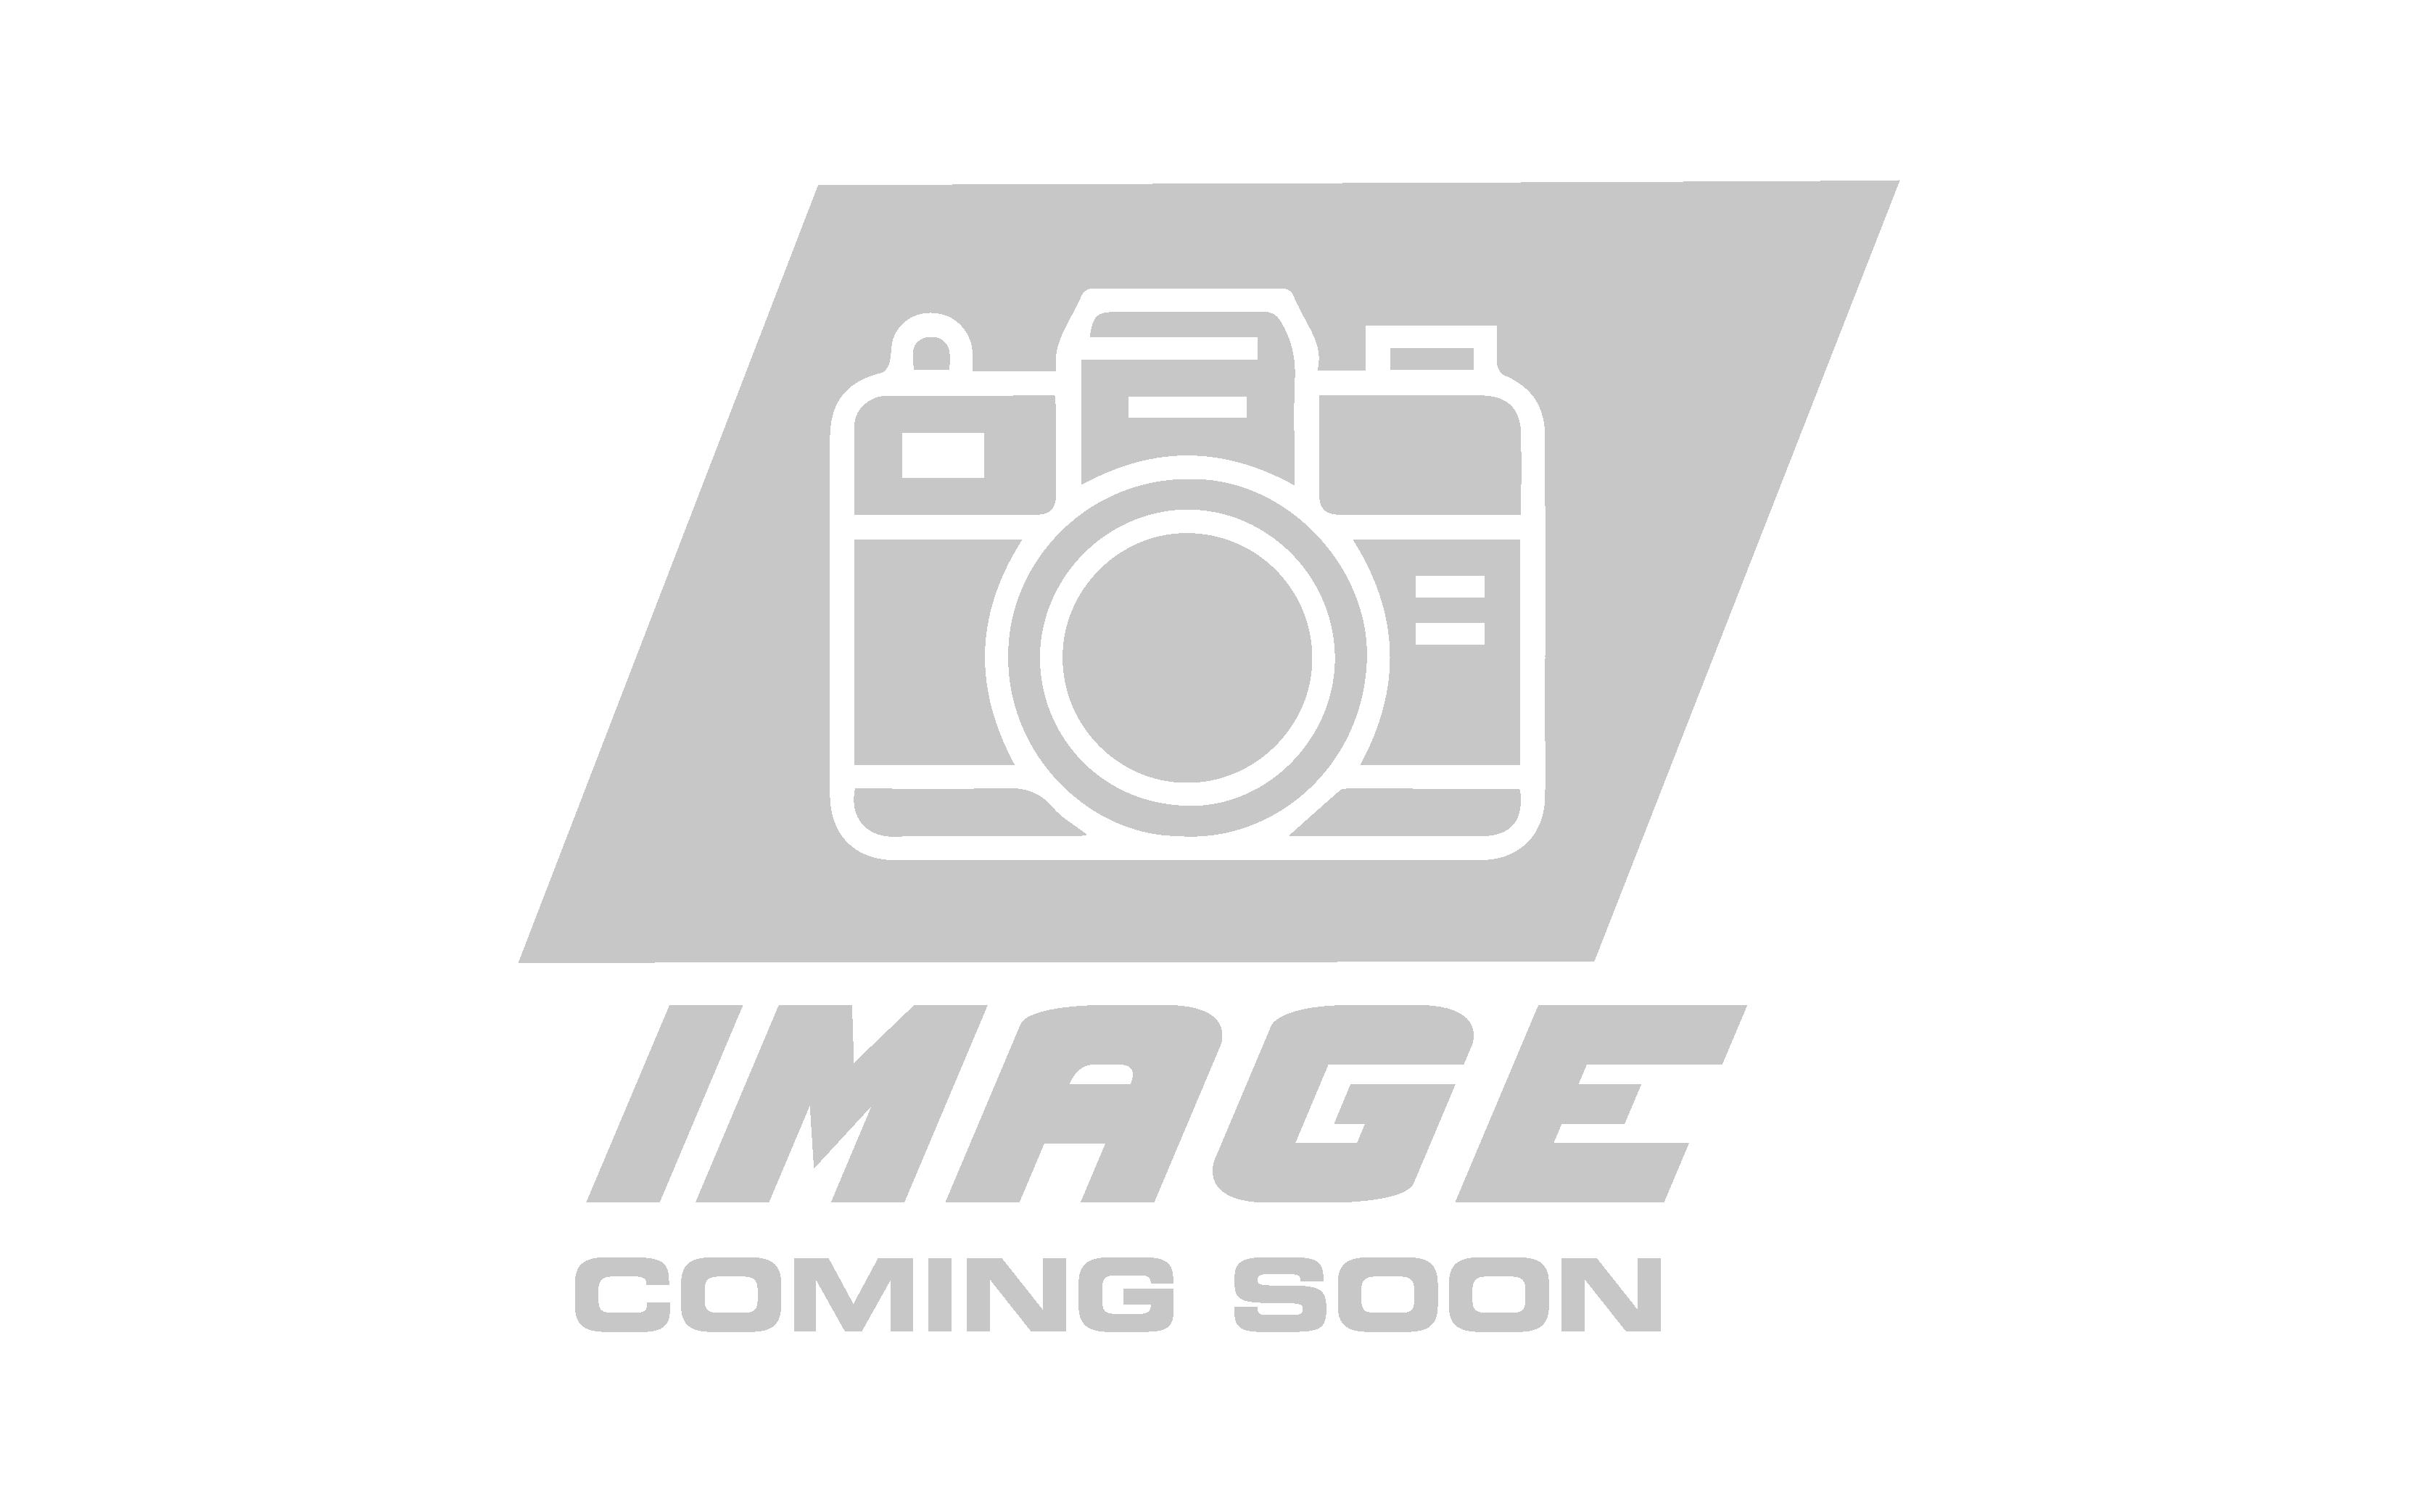 smc-gauge-tee-1